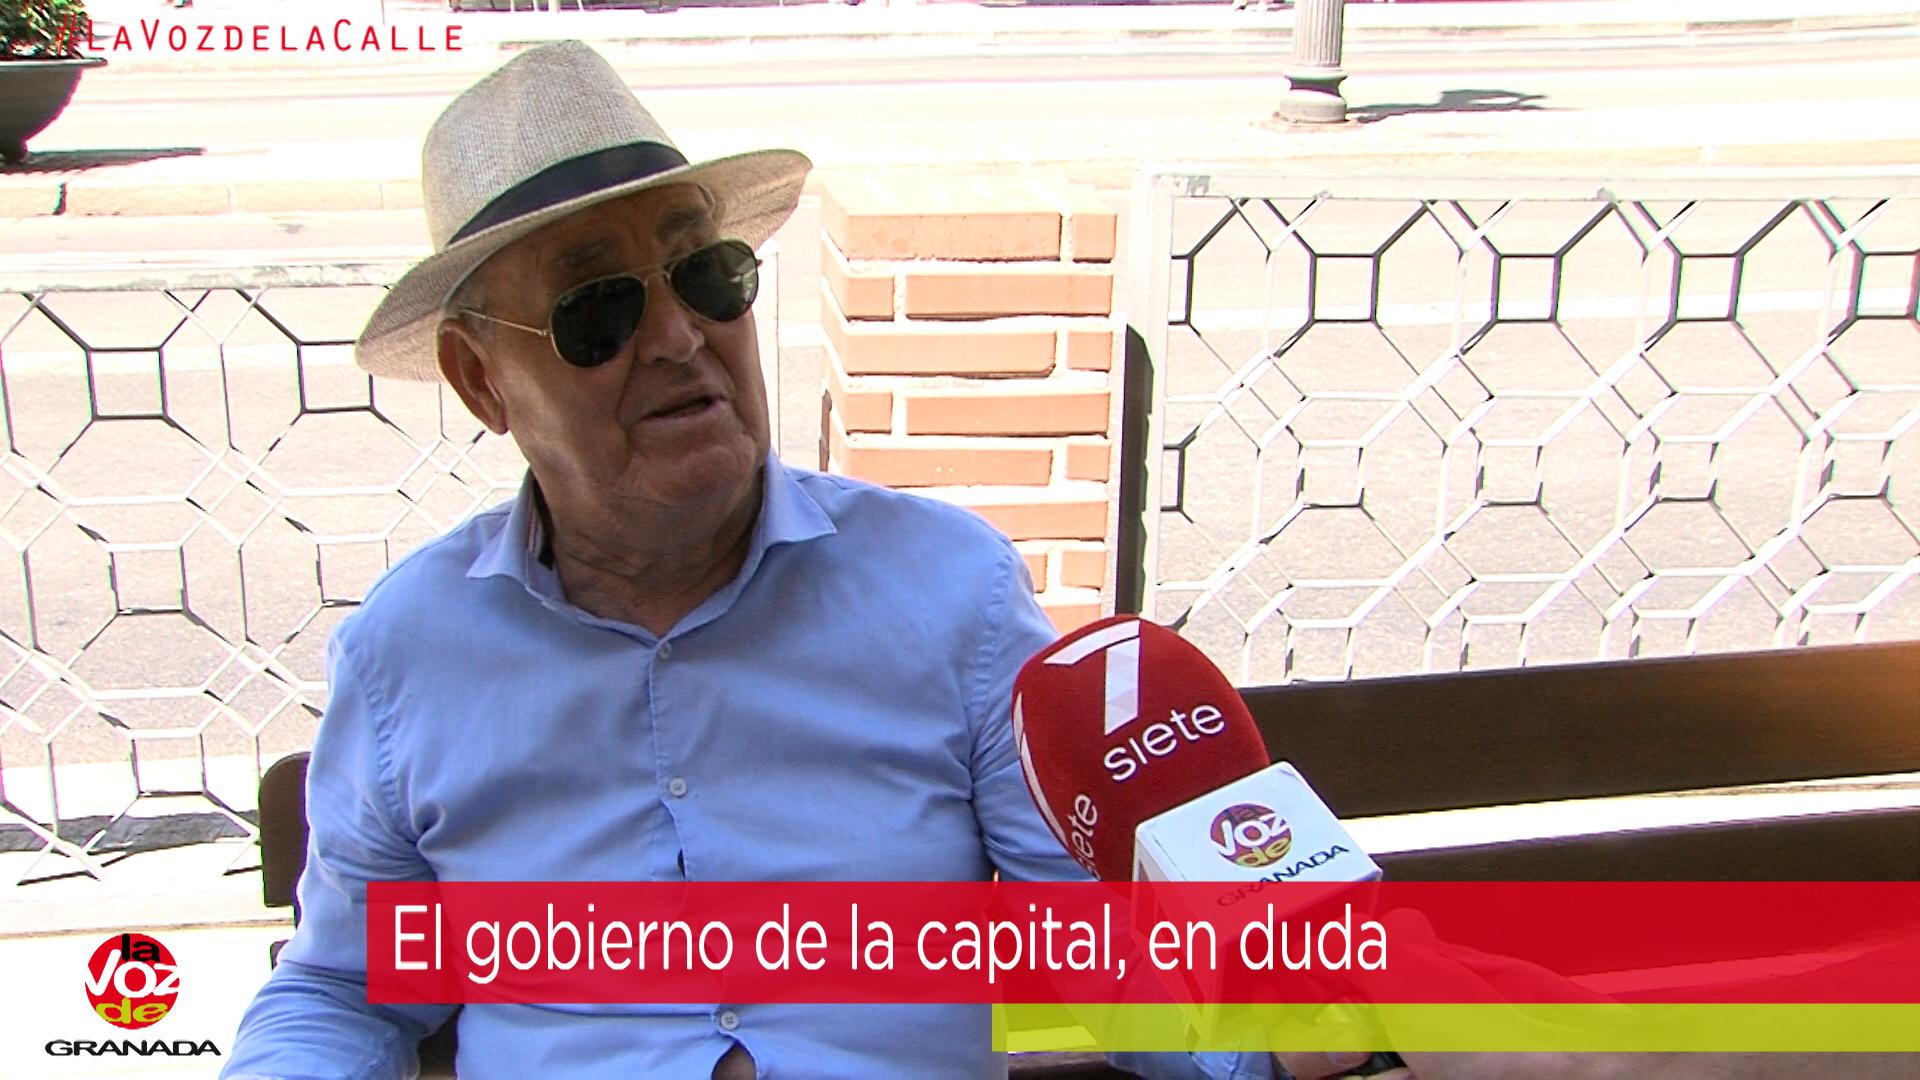 #LaVozdelaCalle: ¿Cree que peligra un gobierno «a la andaluza» en la capital tras el anuncio de denuncia a Sebastián Pérez por parte de VOX?